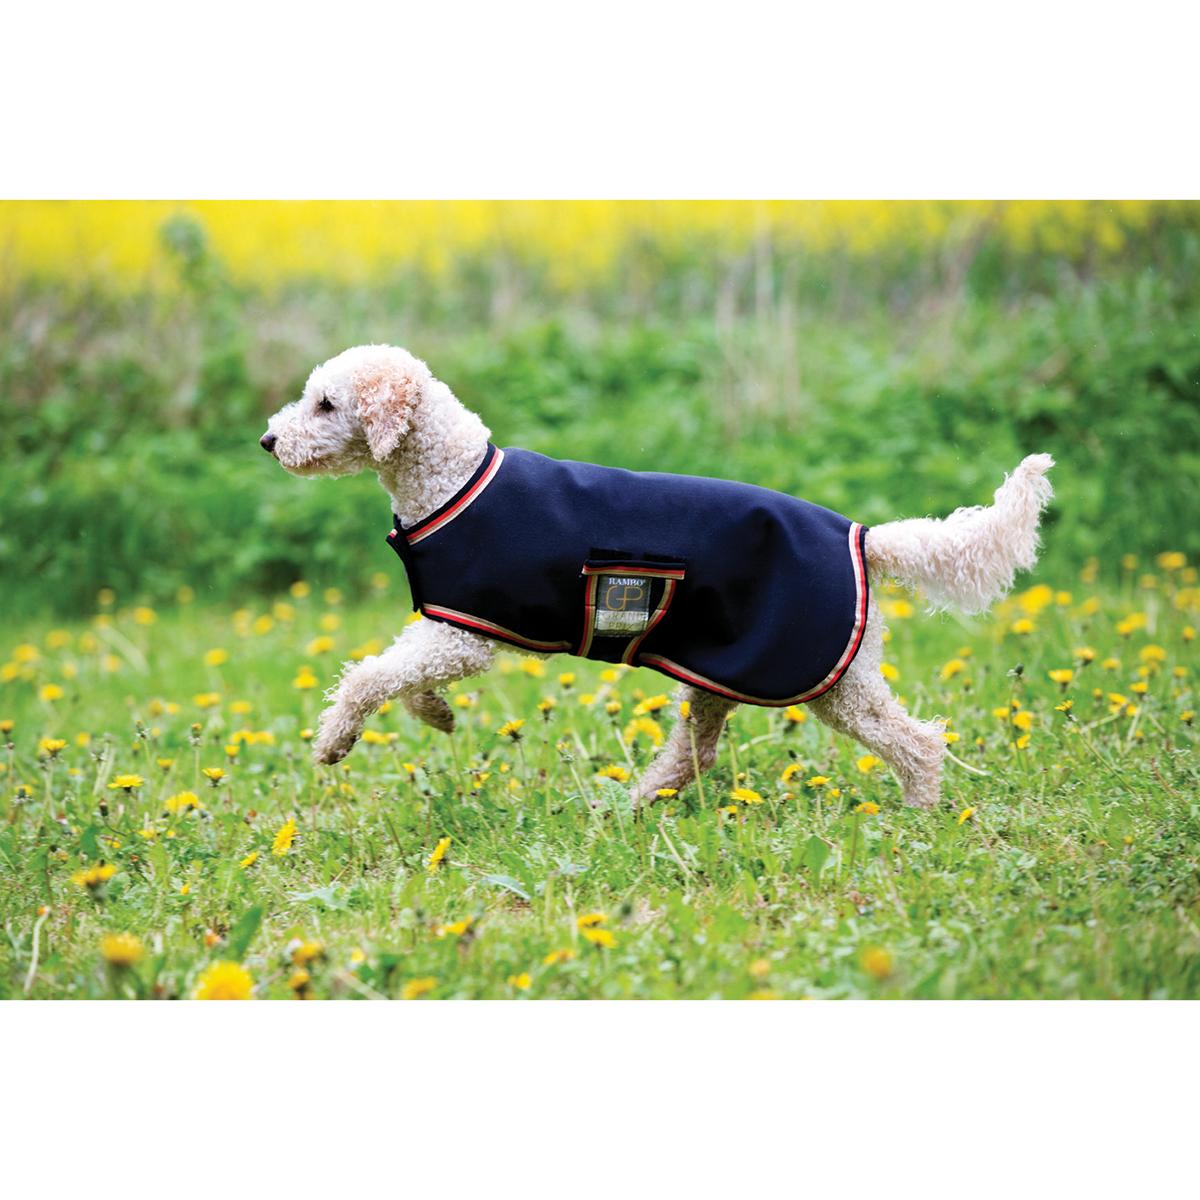 Dog Rambo Rug: Horseware Rambo Waterproof Fleece Dog Rug, S